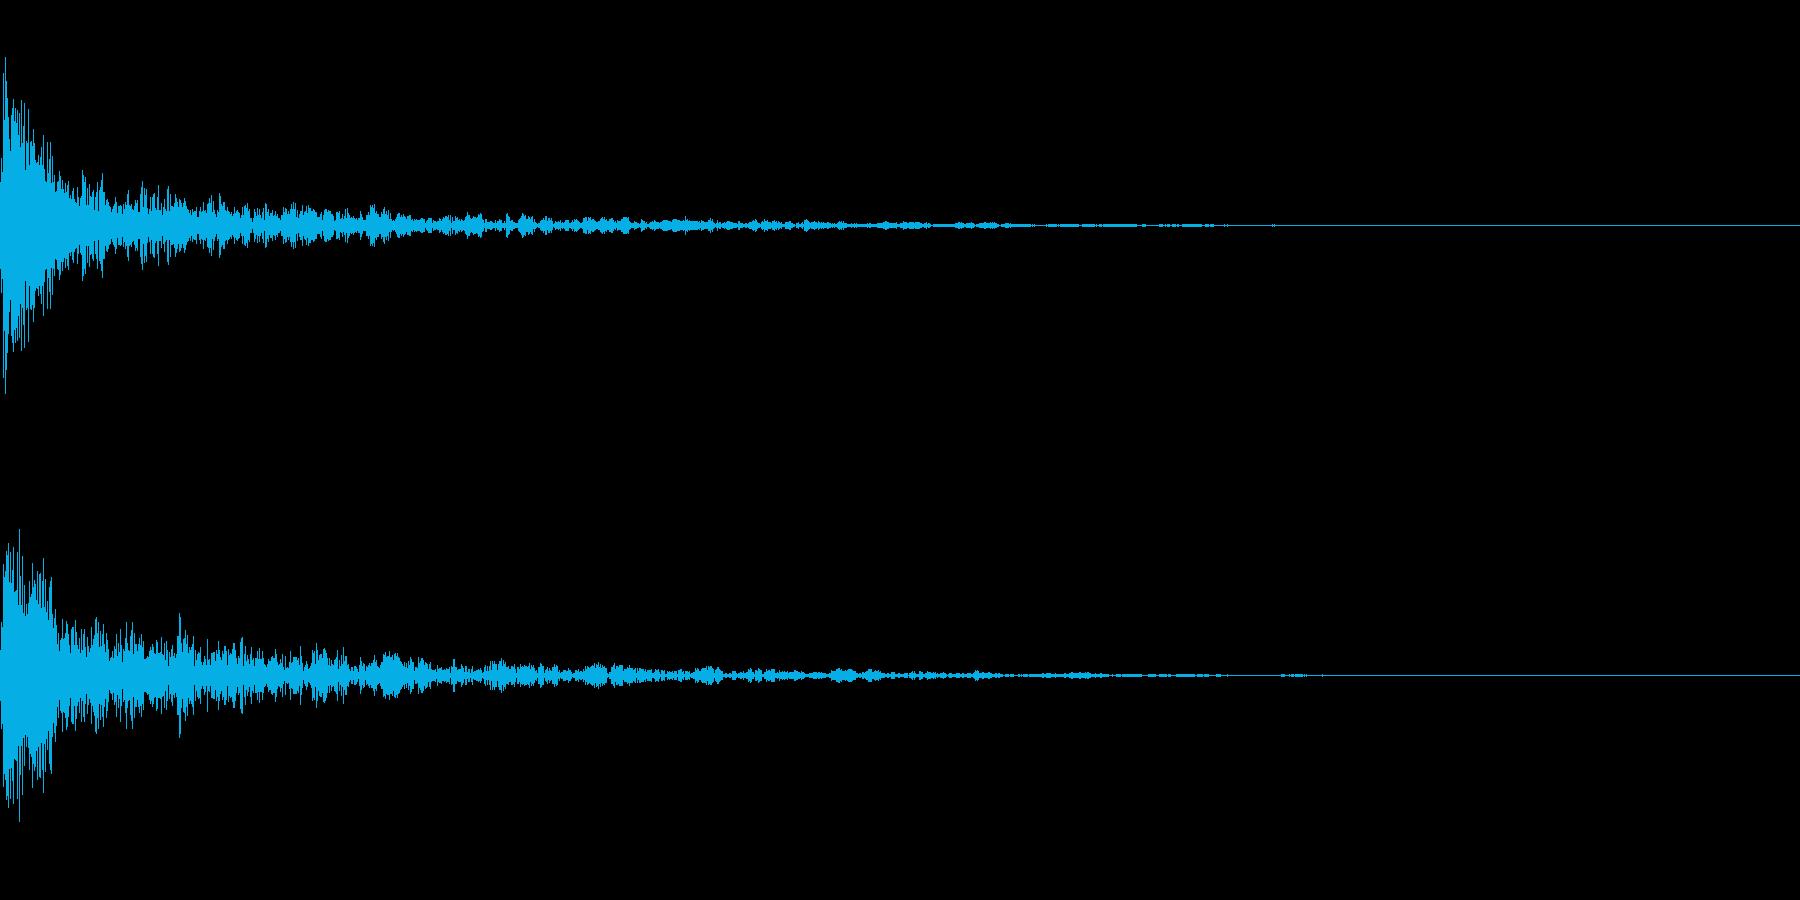 ドーン-45-1(インパクト音)の再生済みの波形